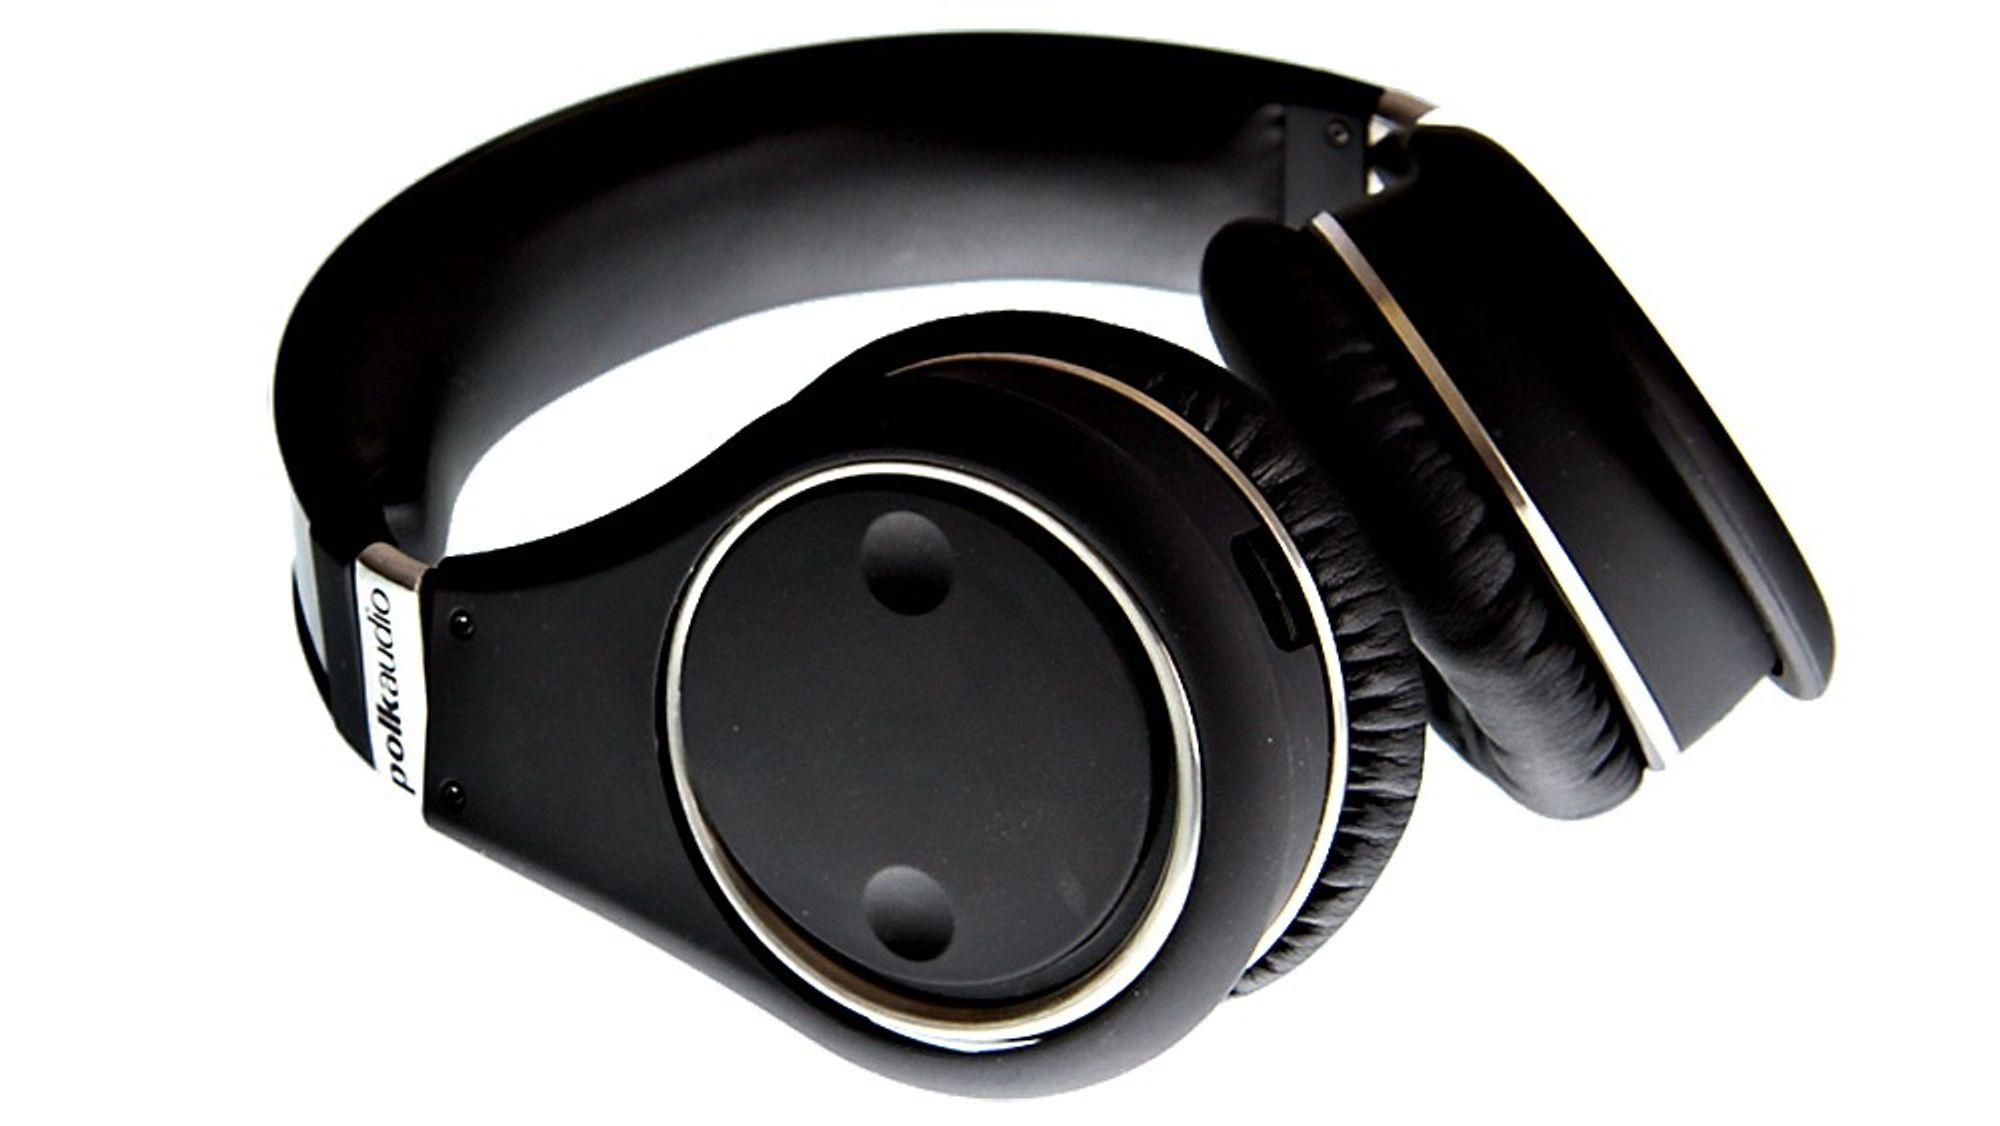 Polk UltraFocus 9000.